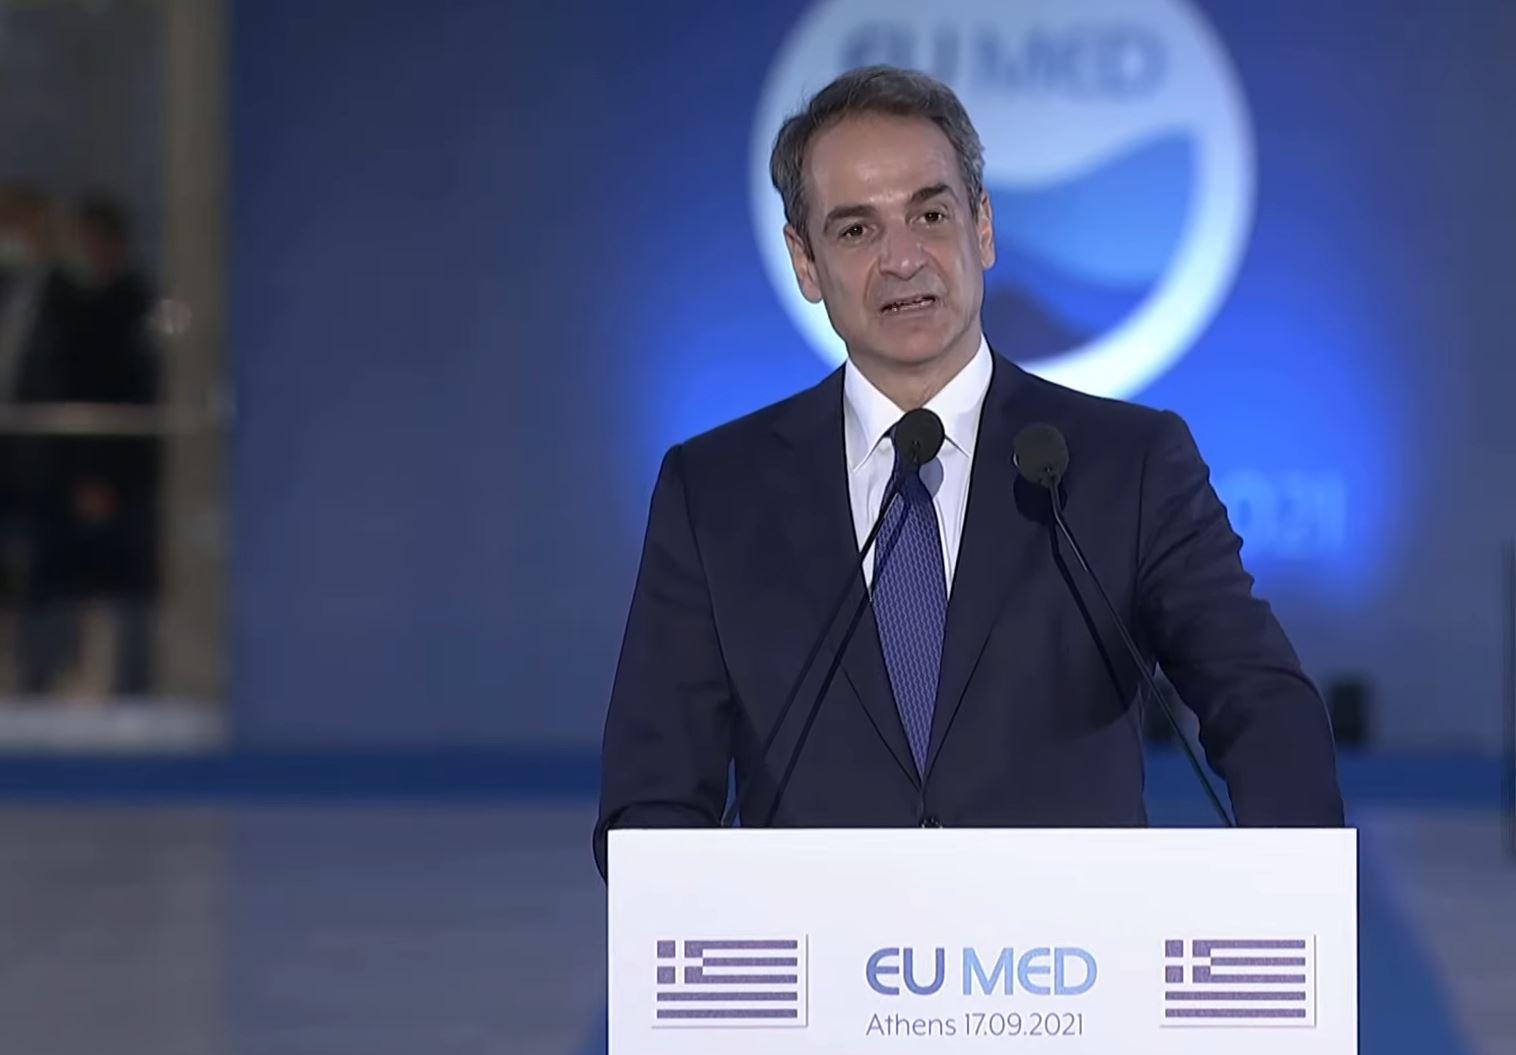 EUMED9- Μητσοτάκης